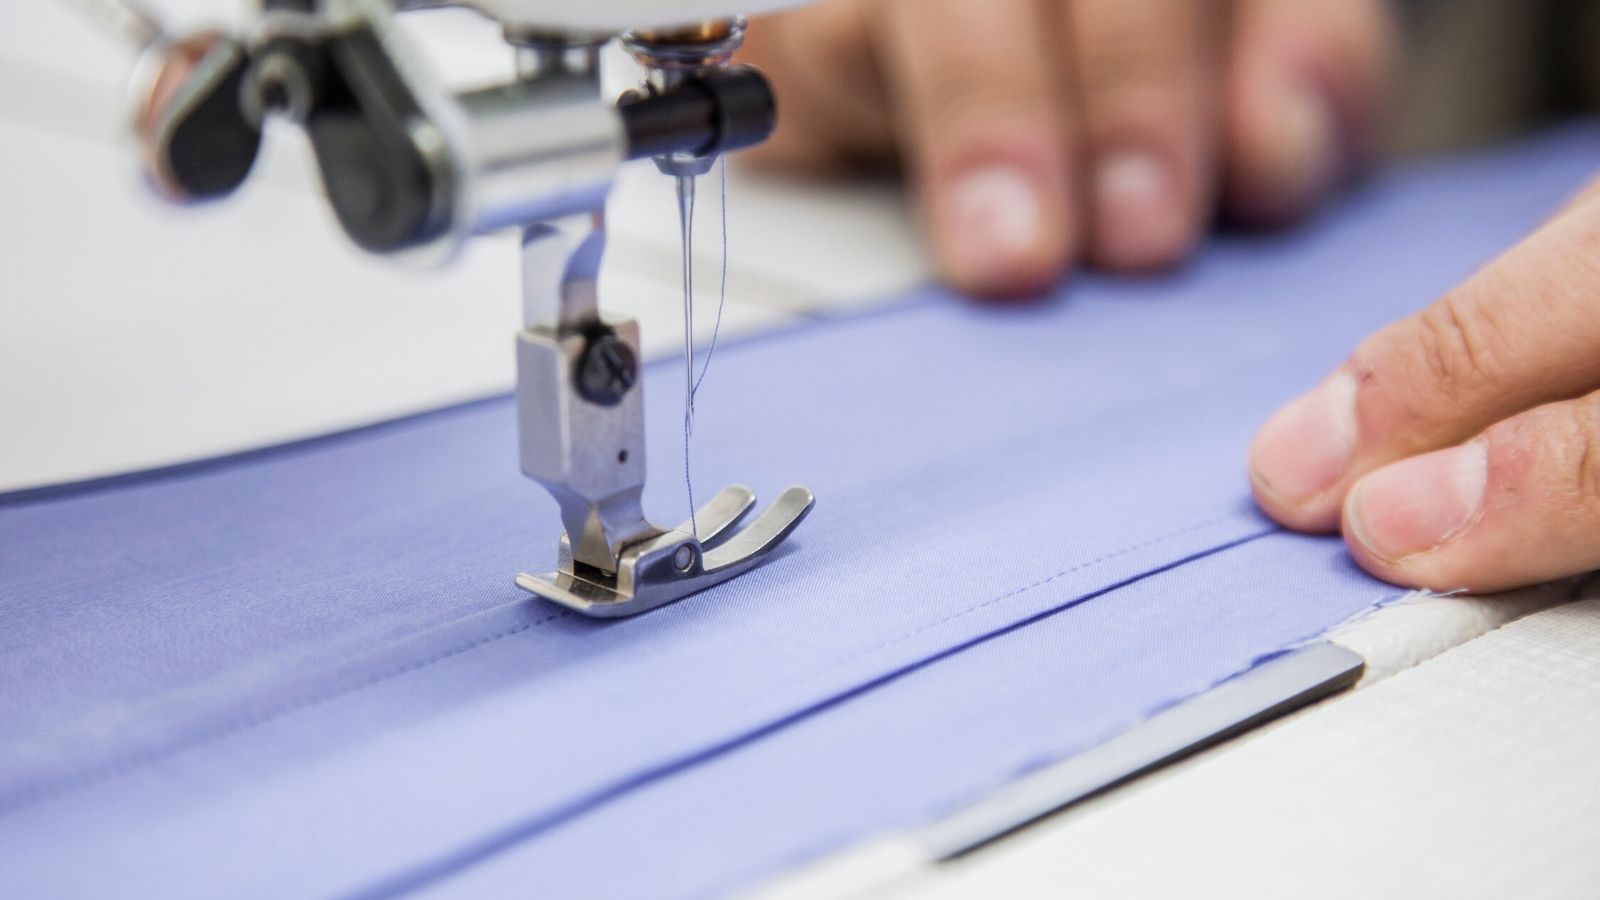 La industria manufacturera, los vestidos y textiles tuvieron una variación negativa.